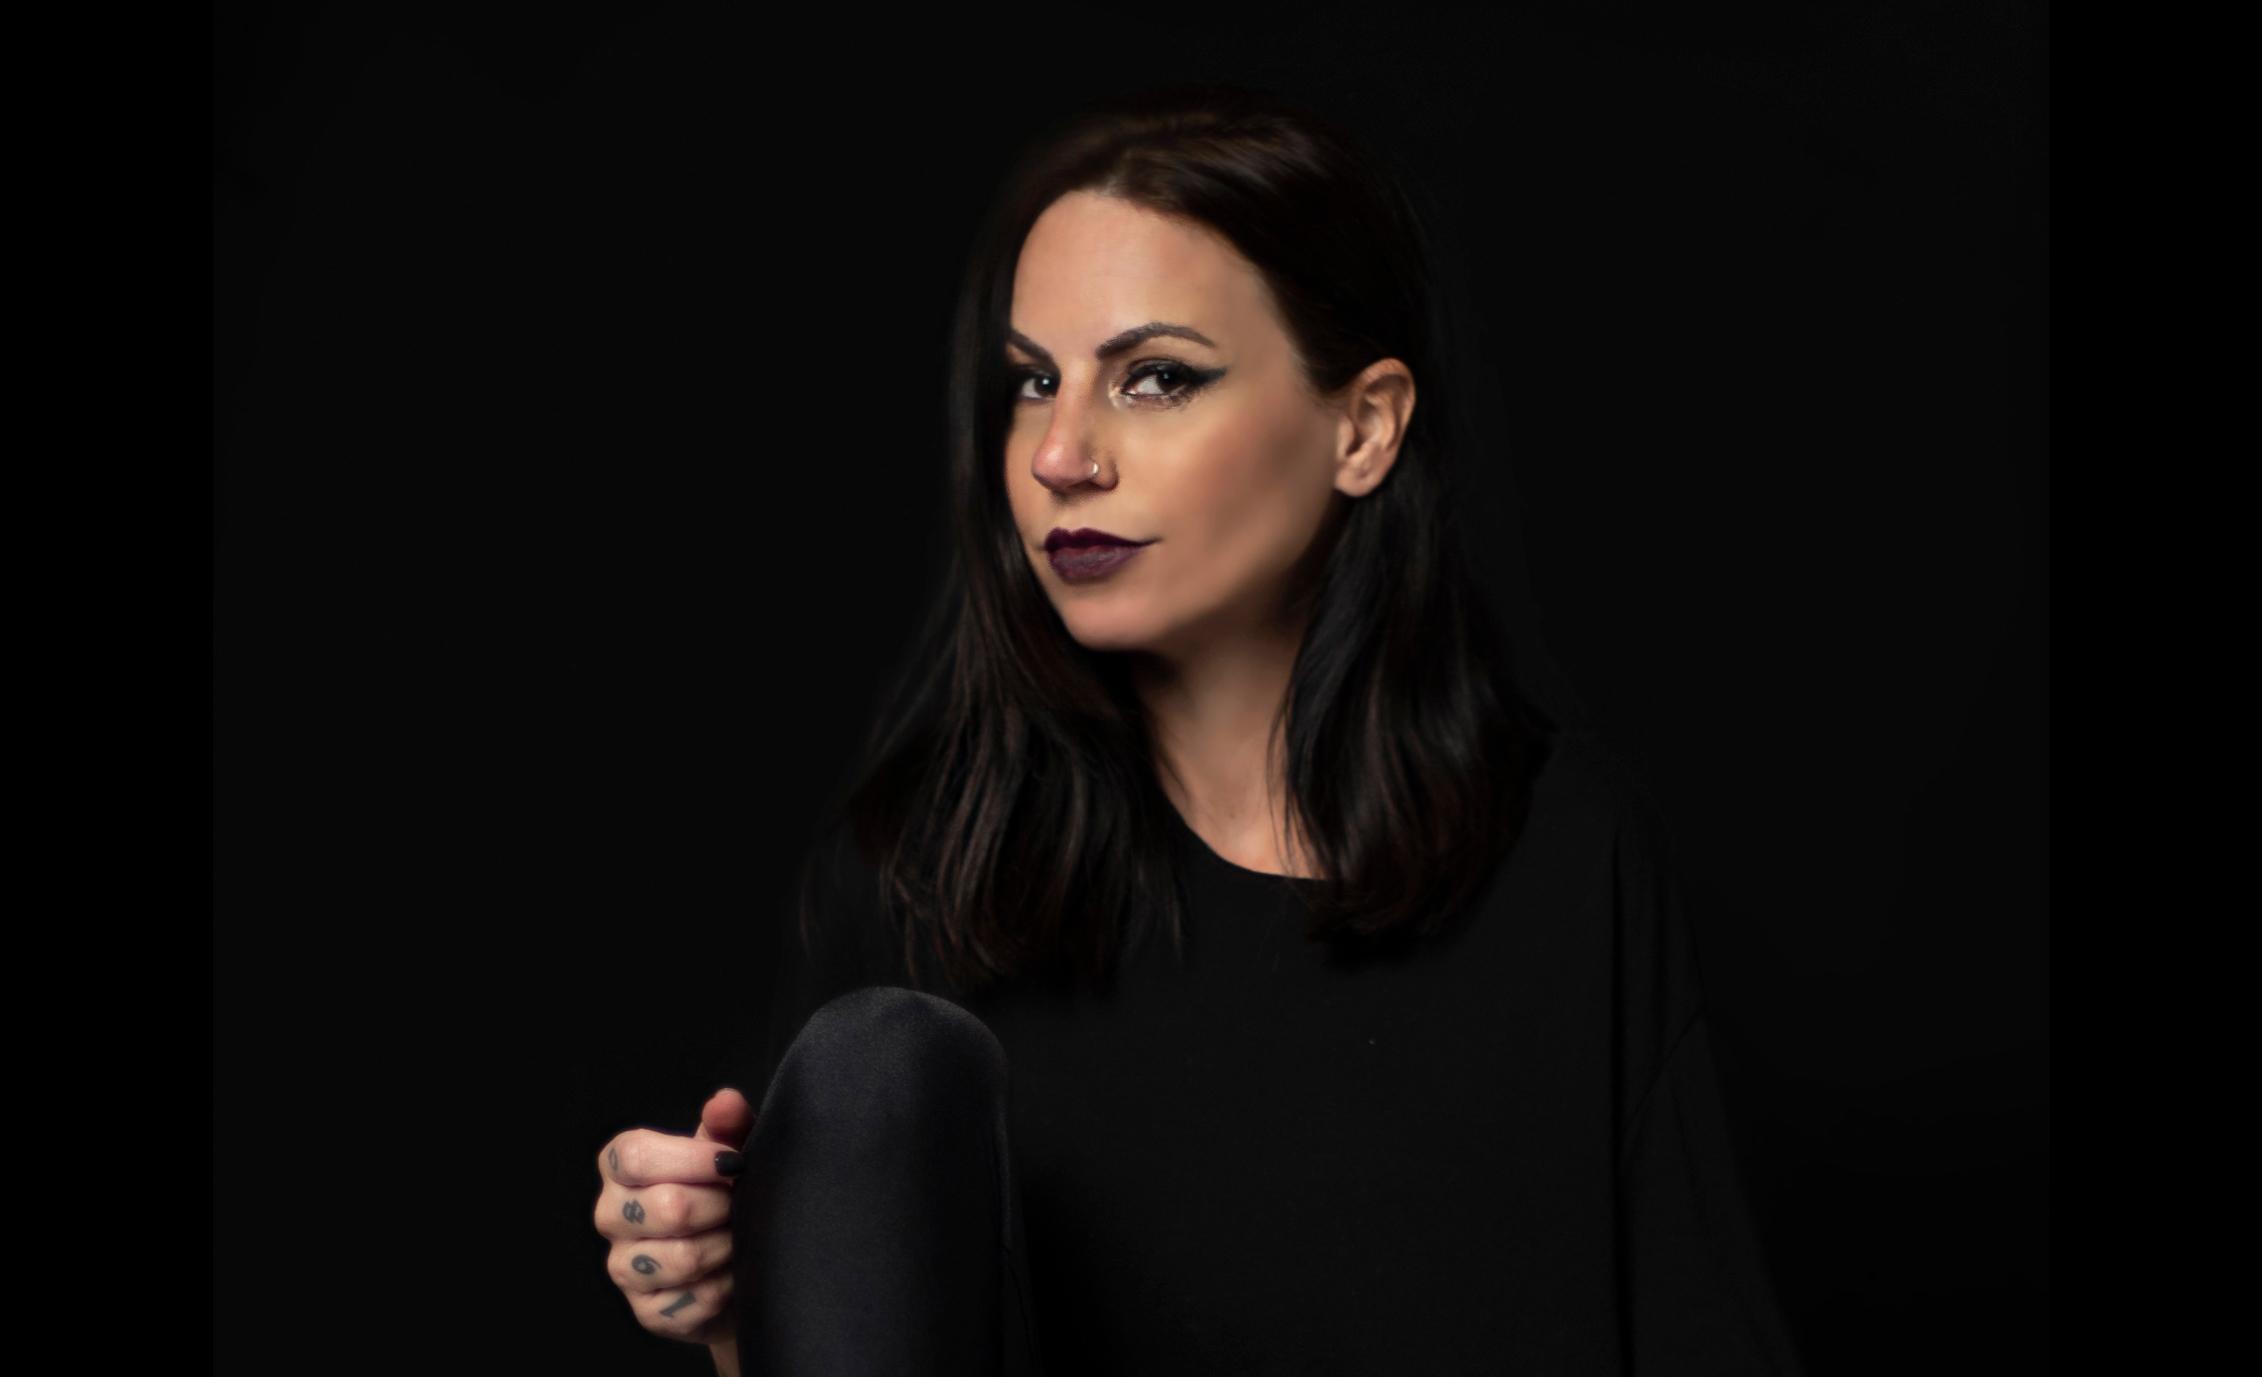 Camila Vargas comenta sobre sua carreira e projeto Studio Session com dicas para produtores iniciantes